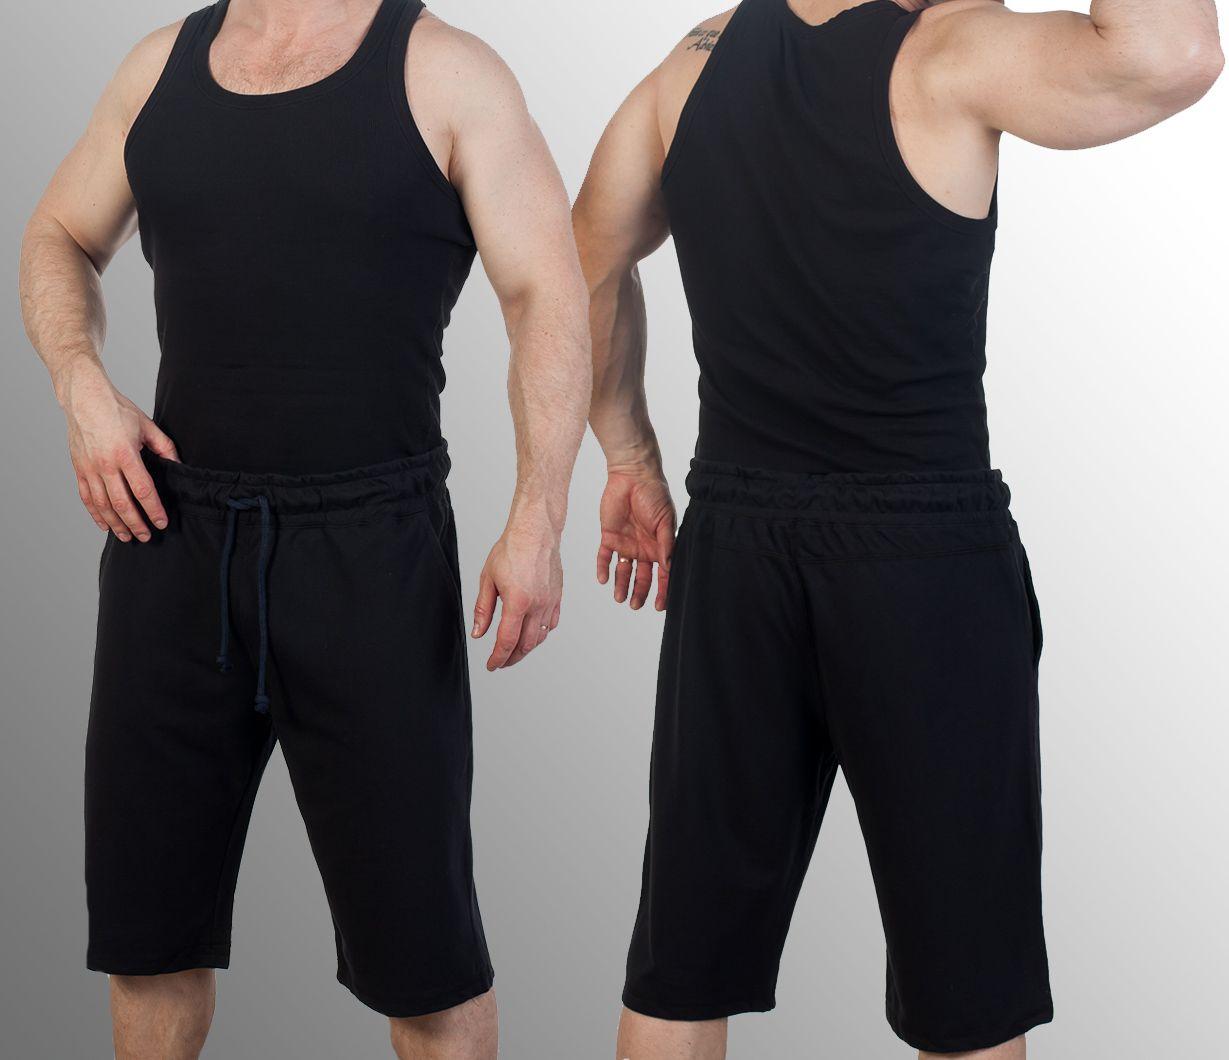 Чёрные трикотажные шорты по выгодной цене